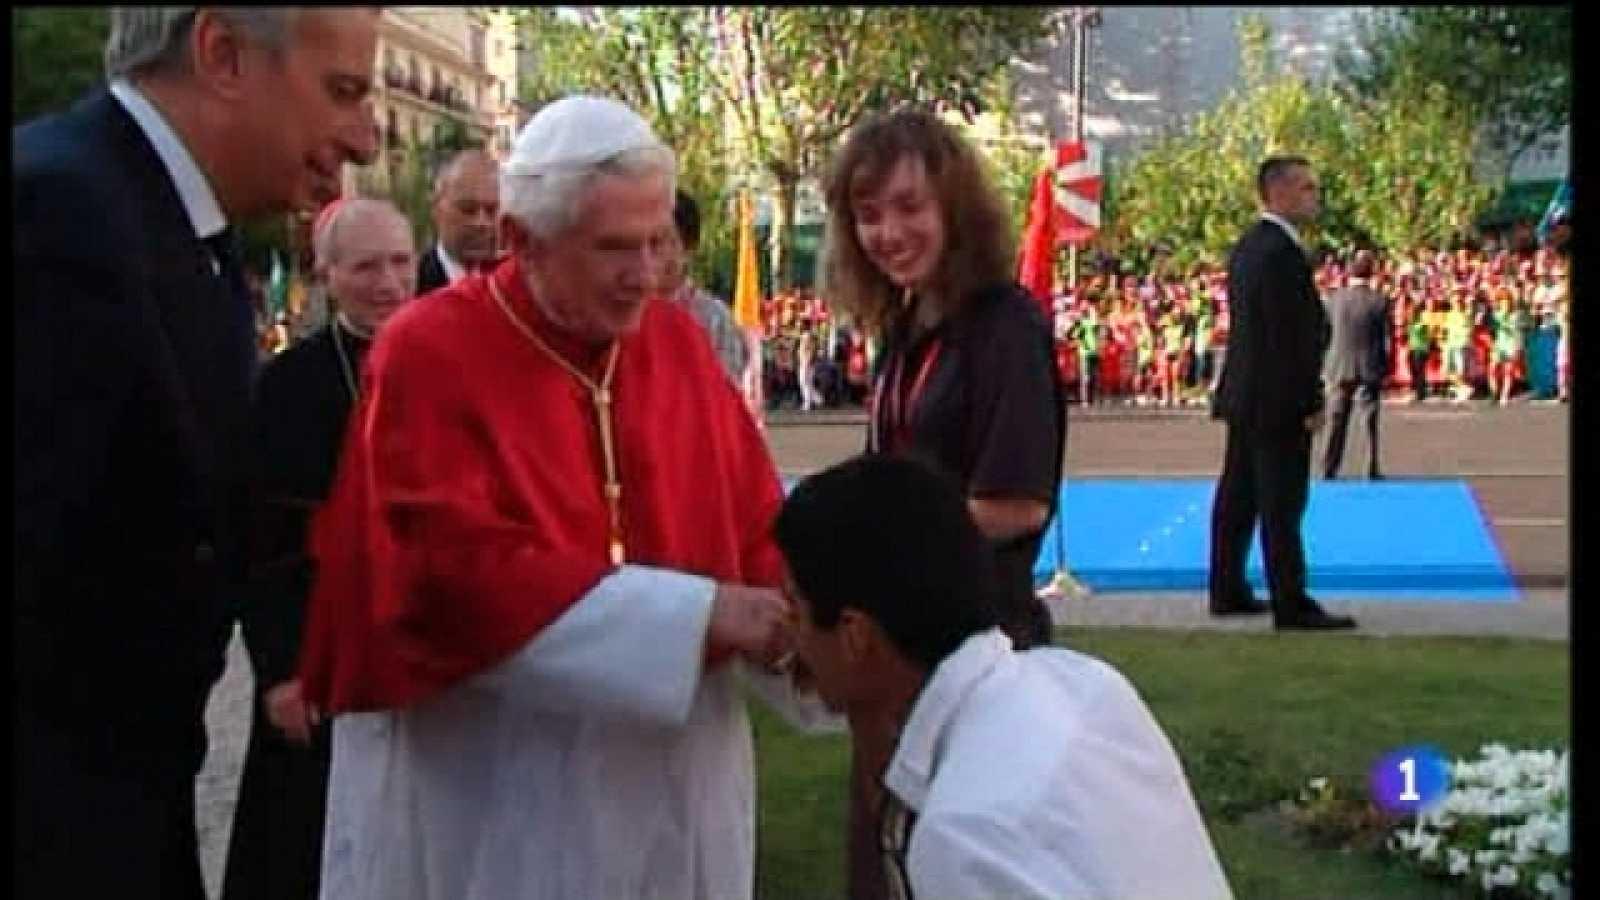 Especial informativo - Visita de S.S. el Papa Benedicto XVI - Bienvenida de los jóvenes en Cibeles - 18/08/11 - Ver ahora